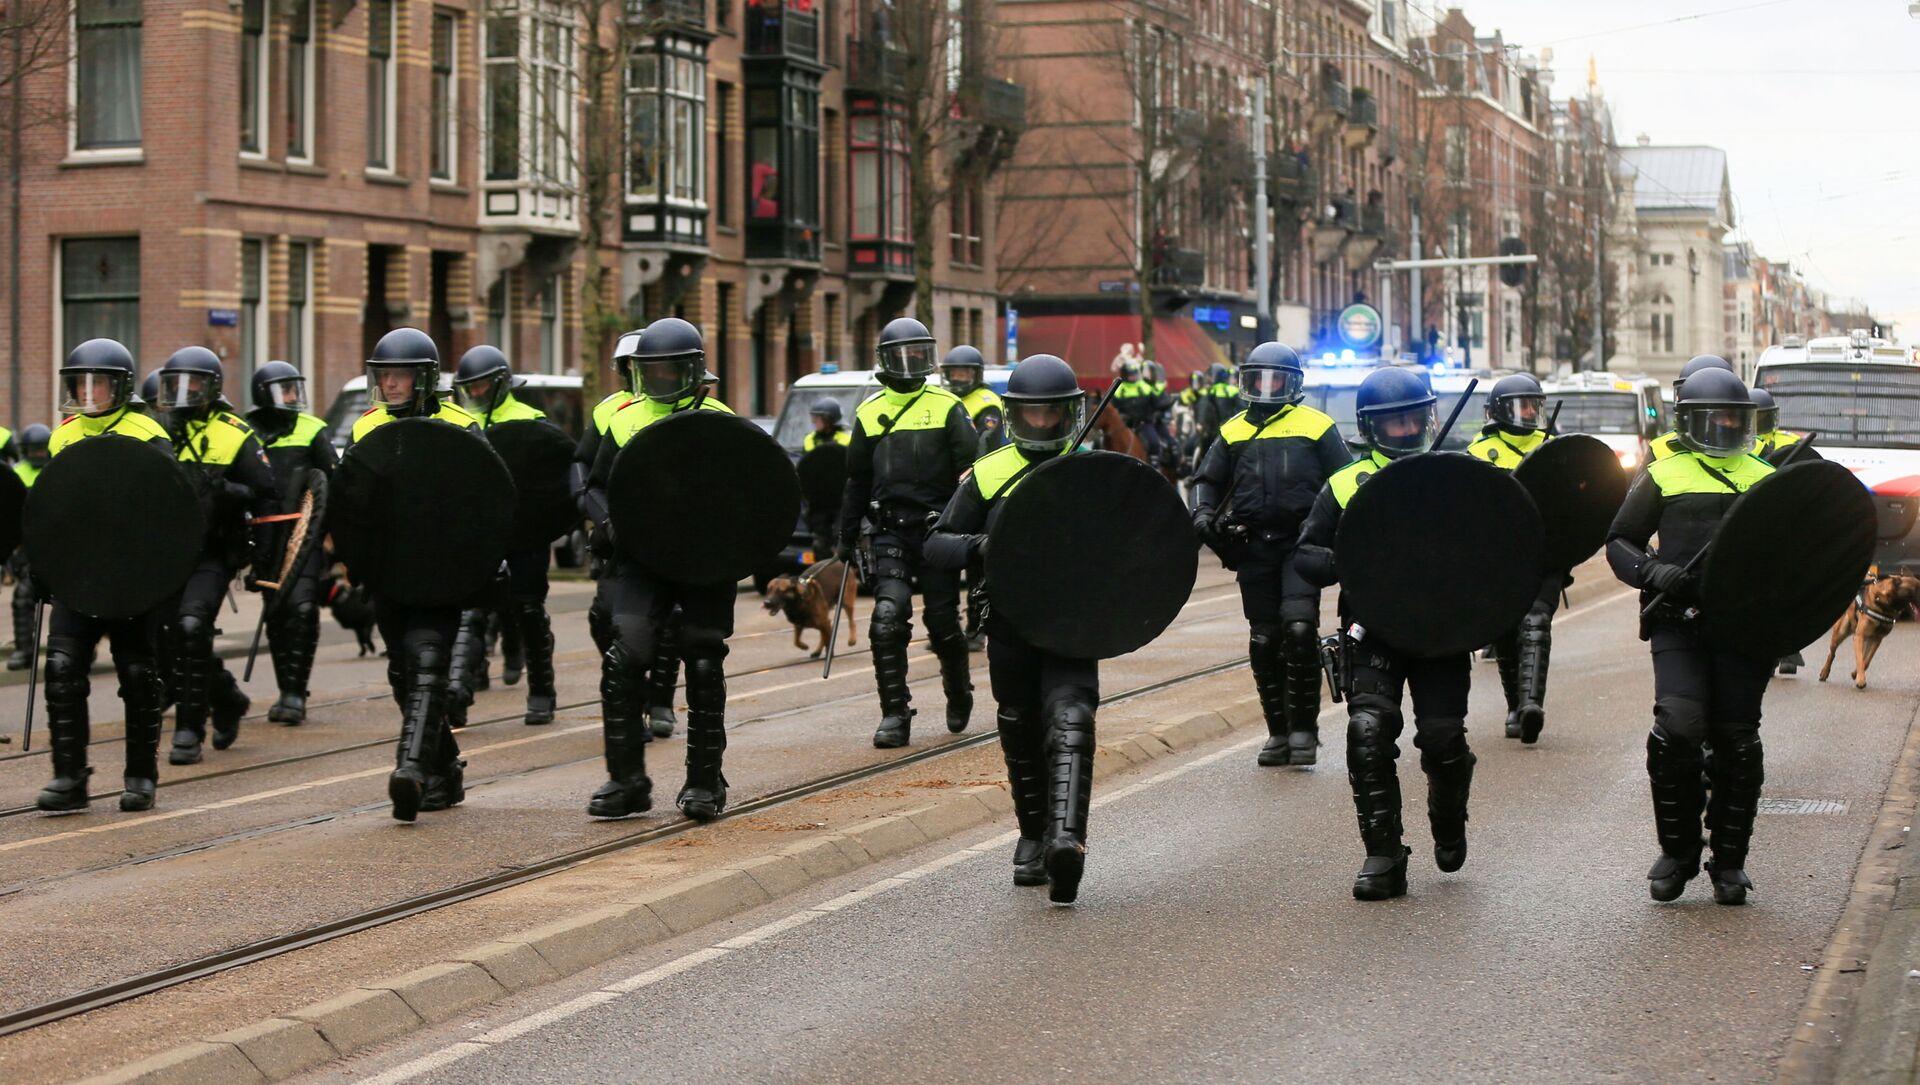 Protestas contra medidas para contener la pandemia en Ámsterdam - Sputnik Mundo, 1920, 01.02.2021